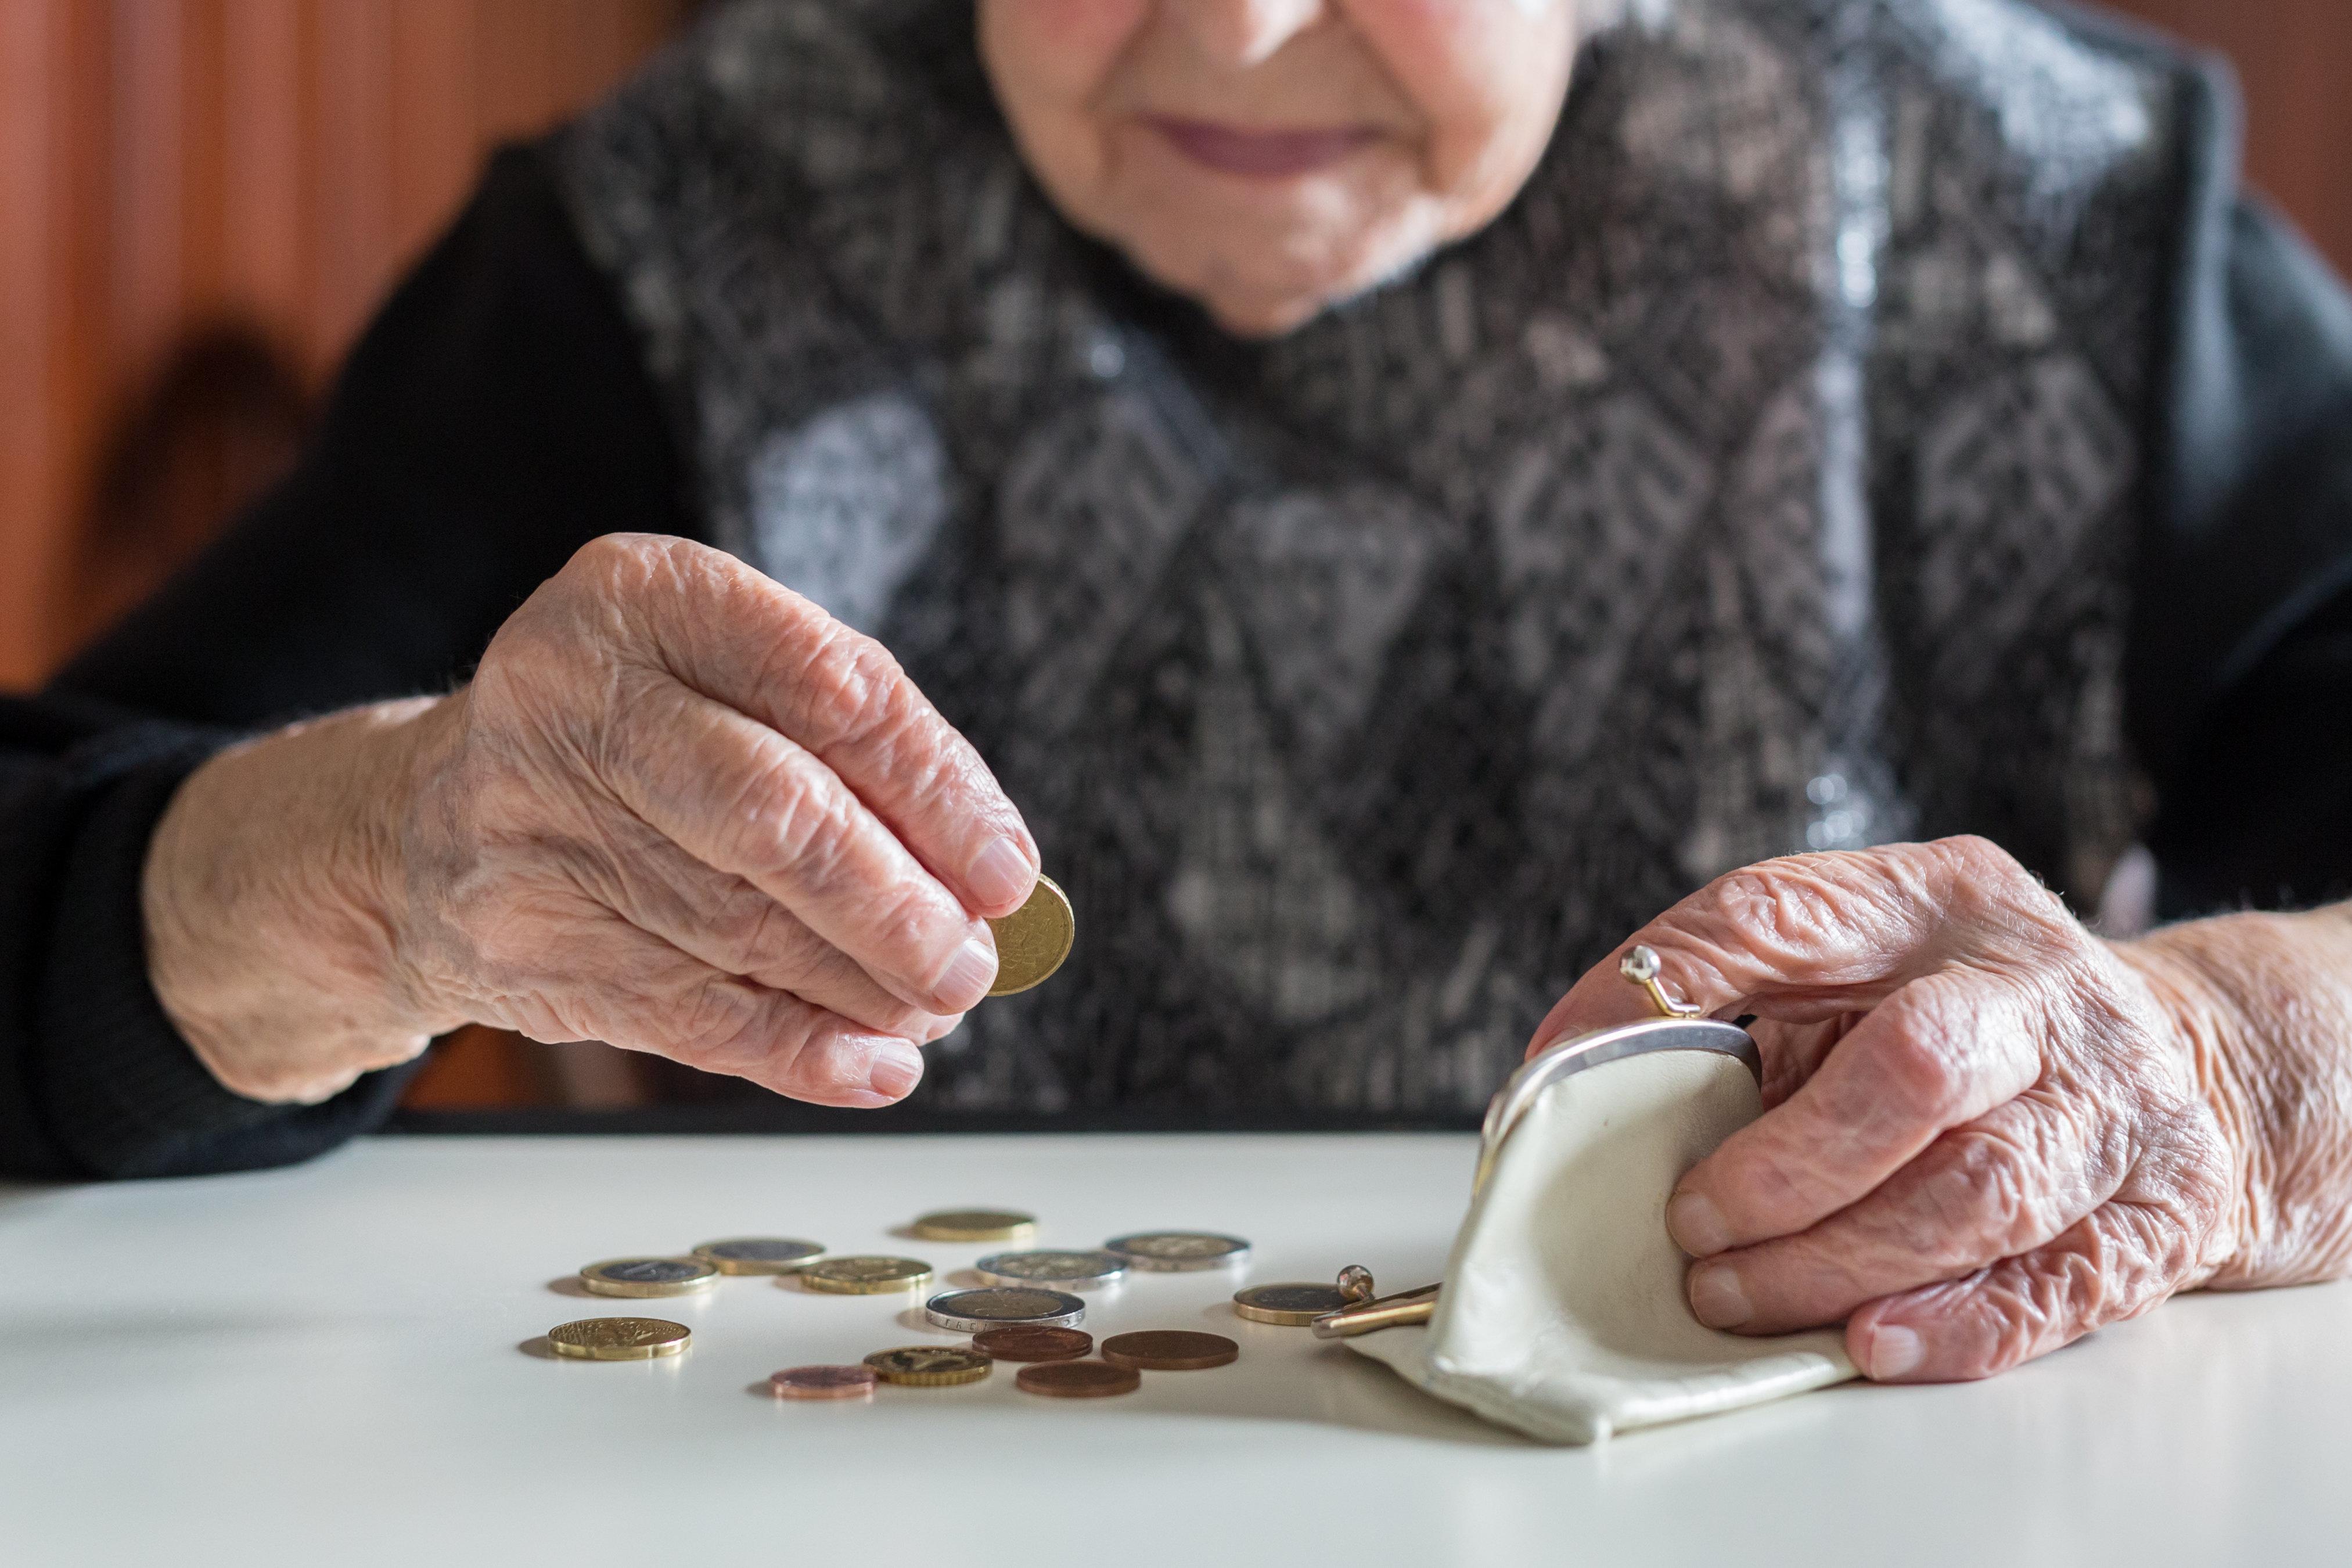 INPS DOPO IL VOTO - A giugno scattano conguaglio e tagli sulle pensioni